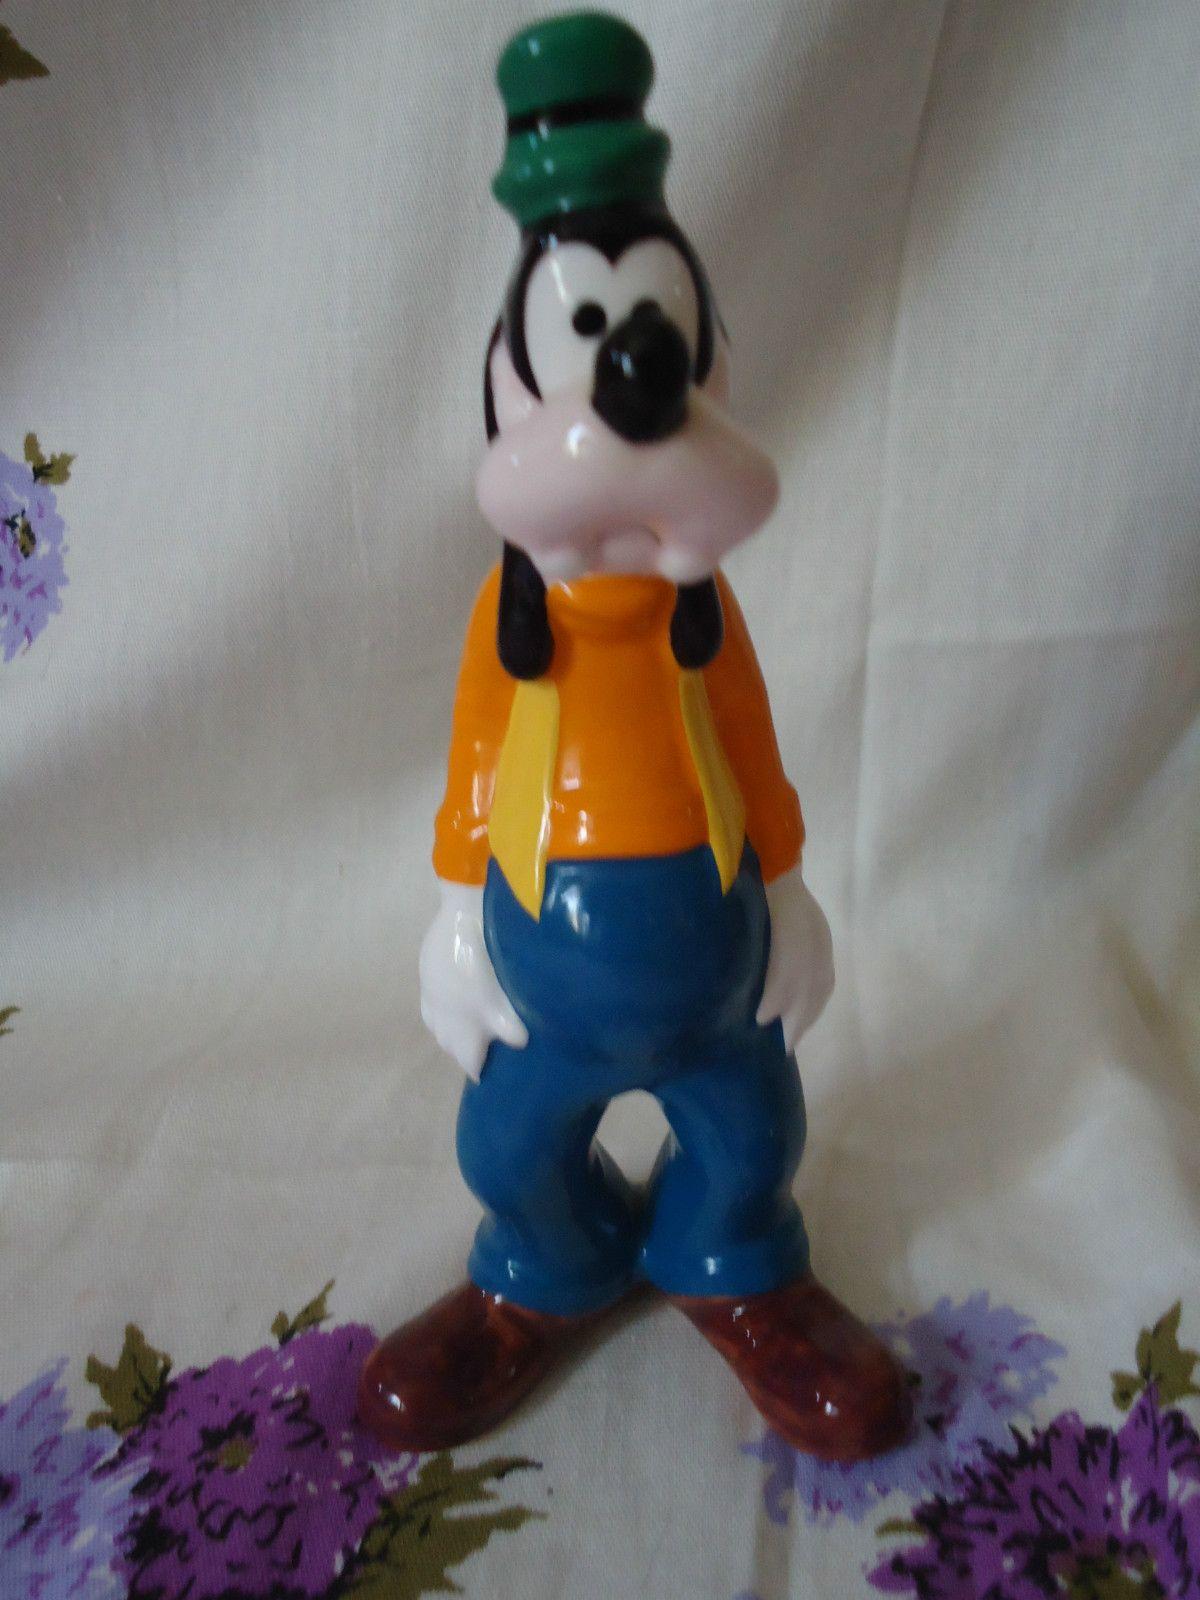 Disney Goofy Ceramic Porcelain Figure Figurine Statue